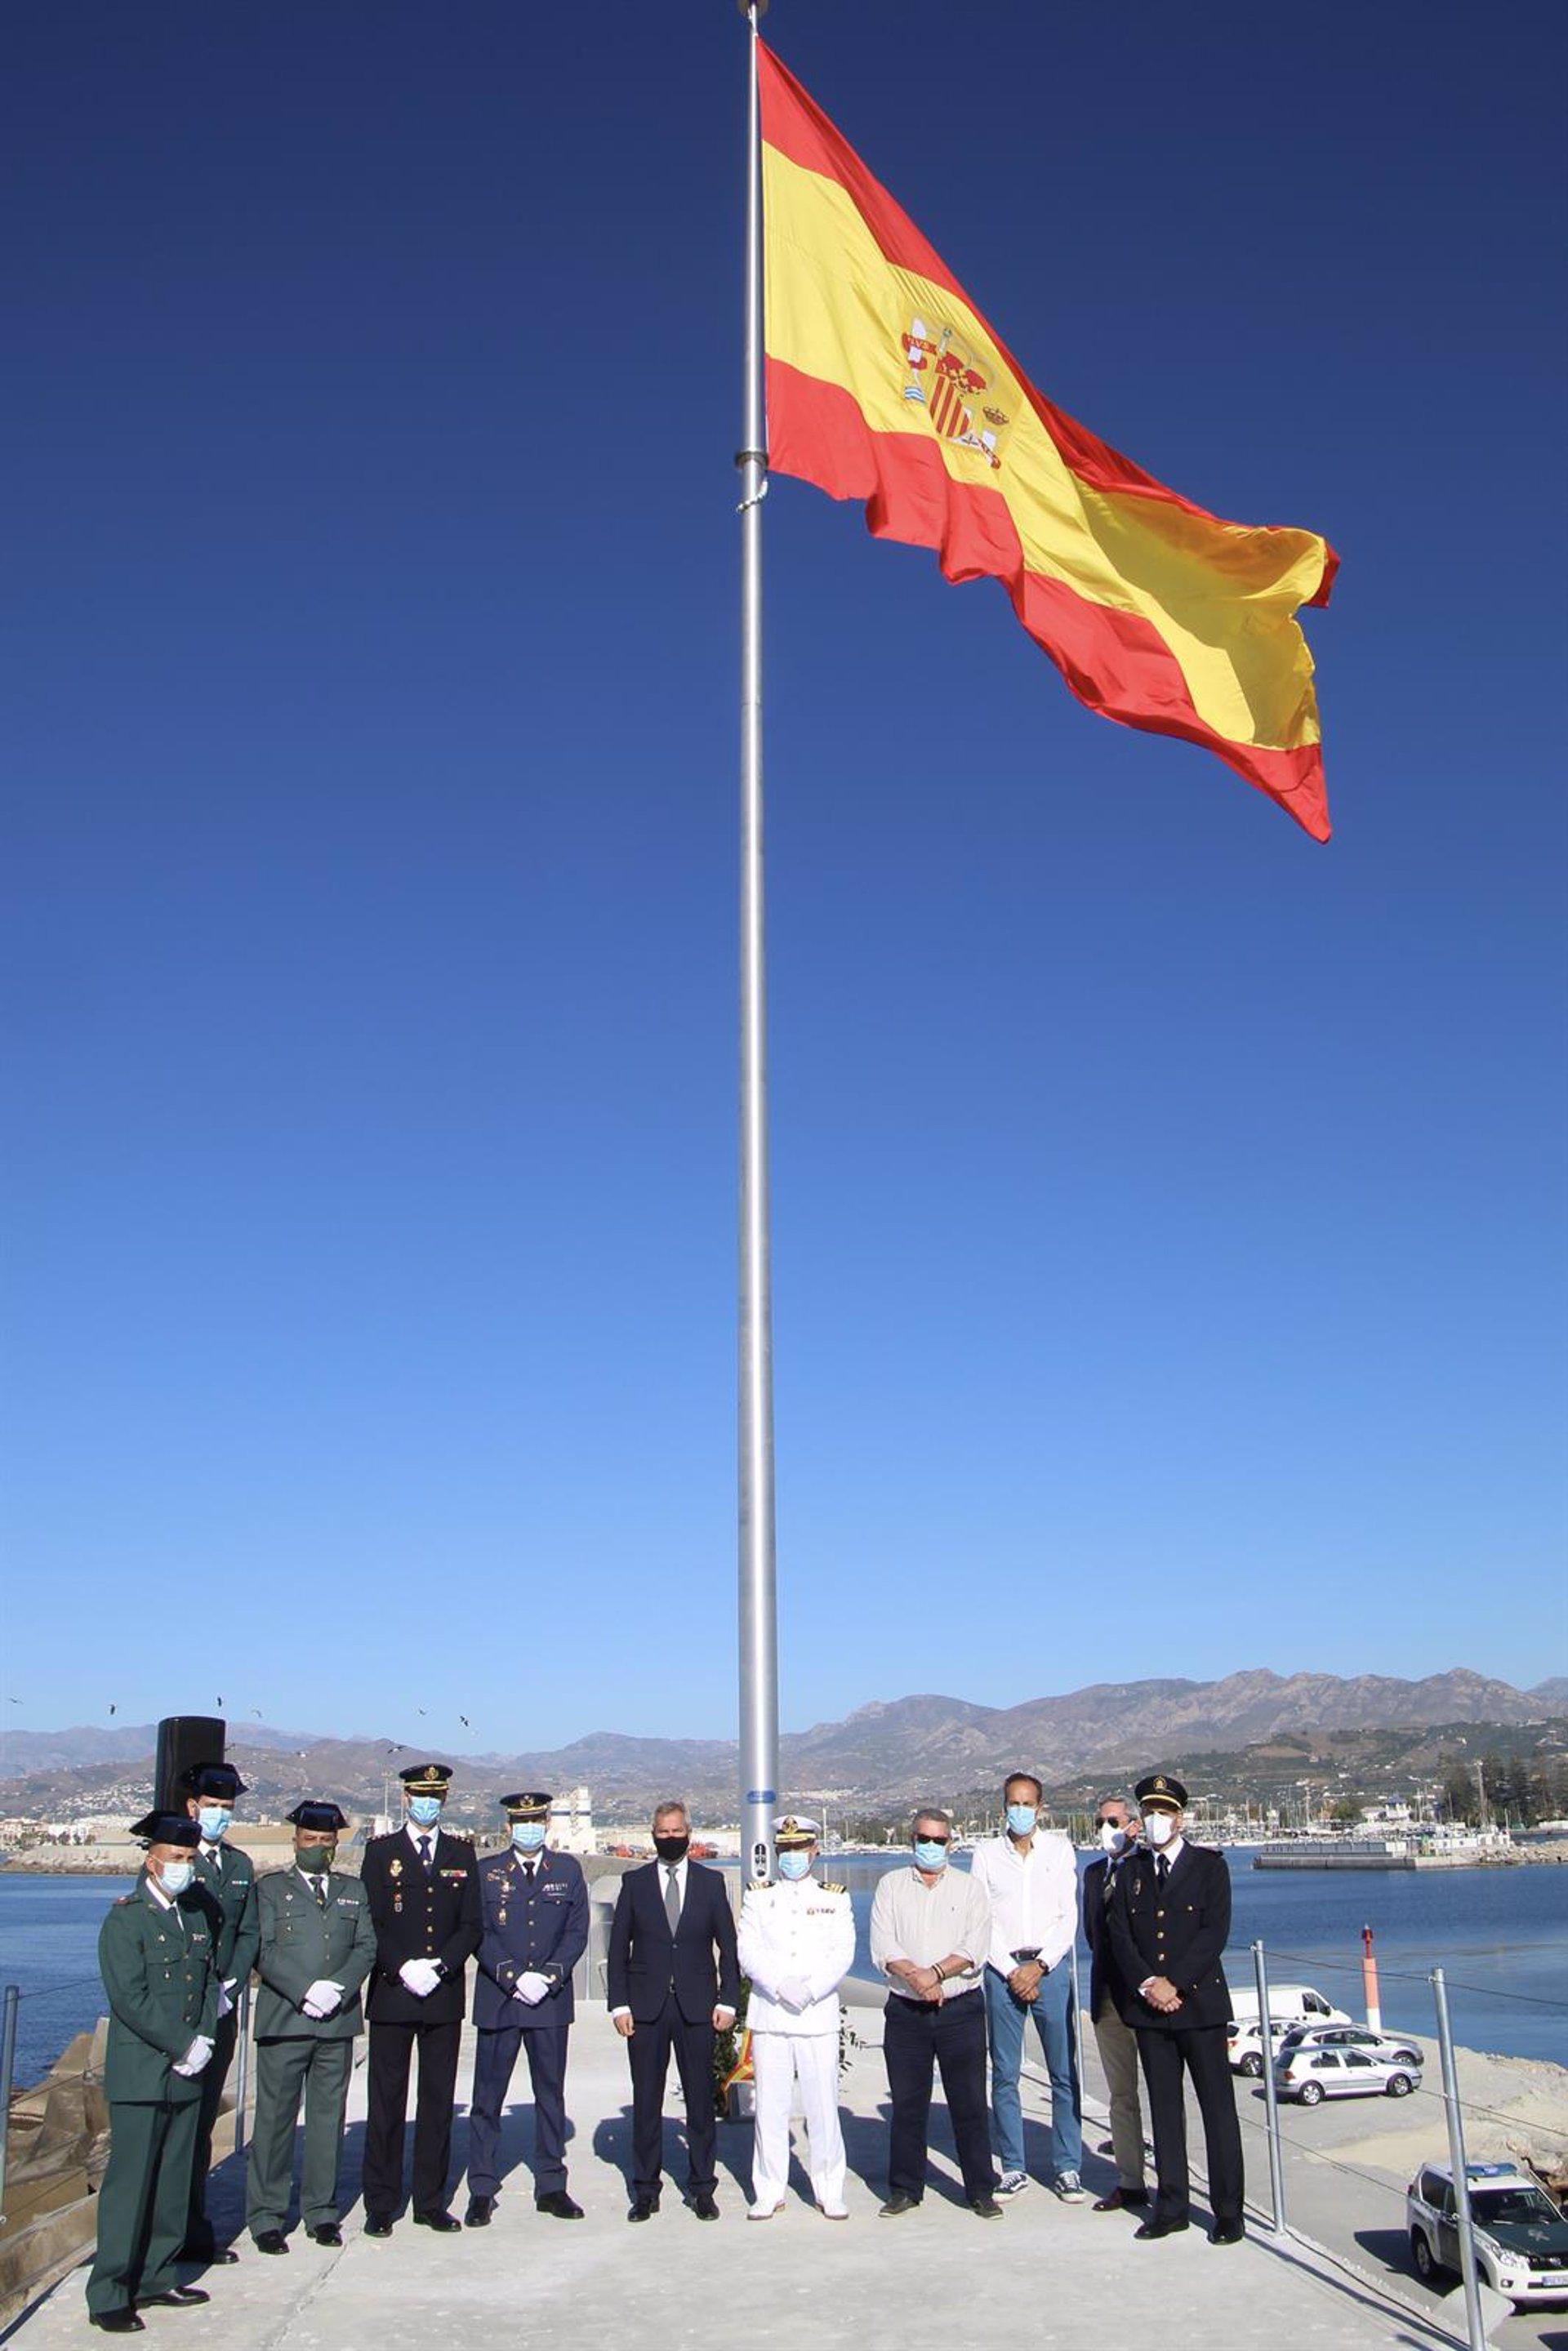 El Puerto de Motril homenajea a las víctimas de la pandemia